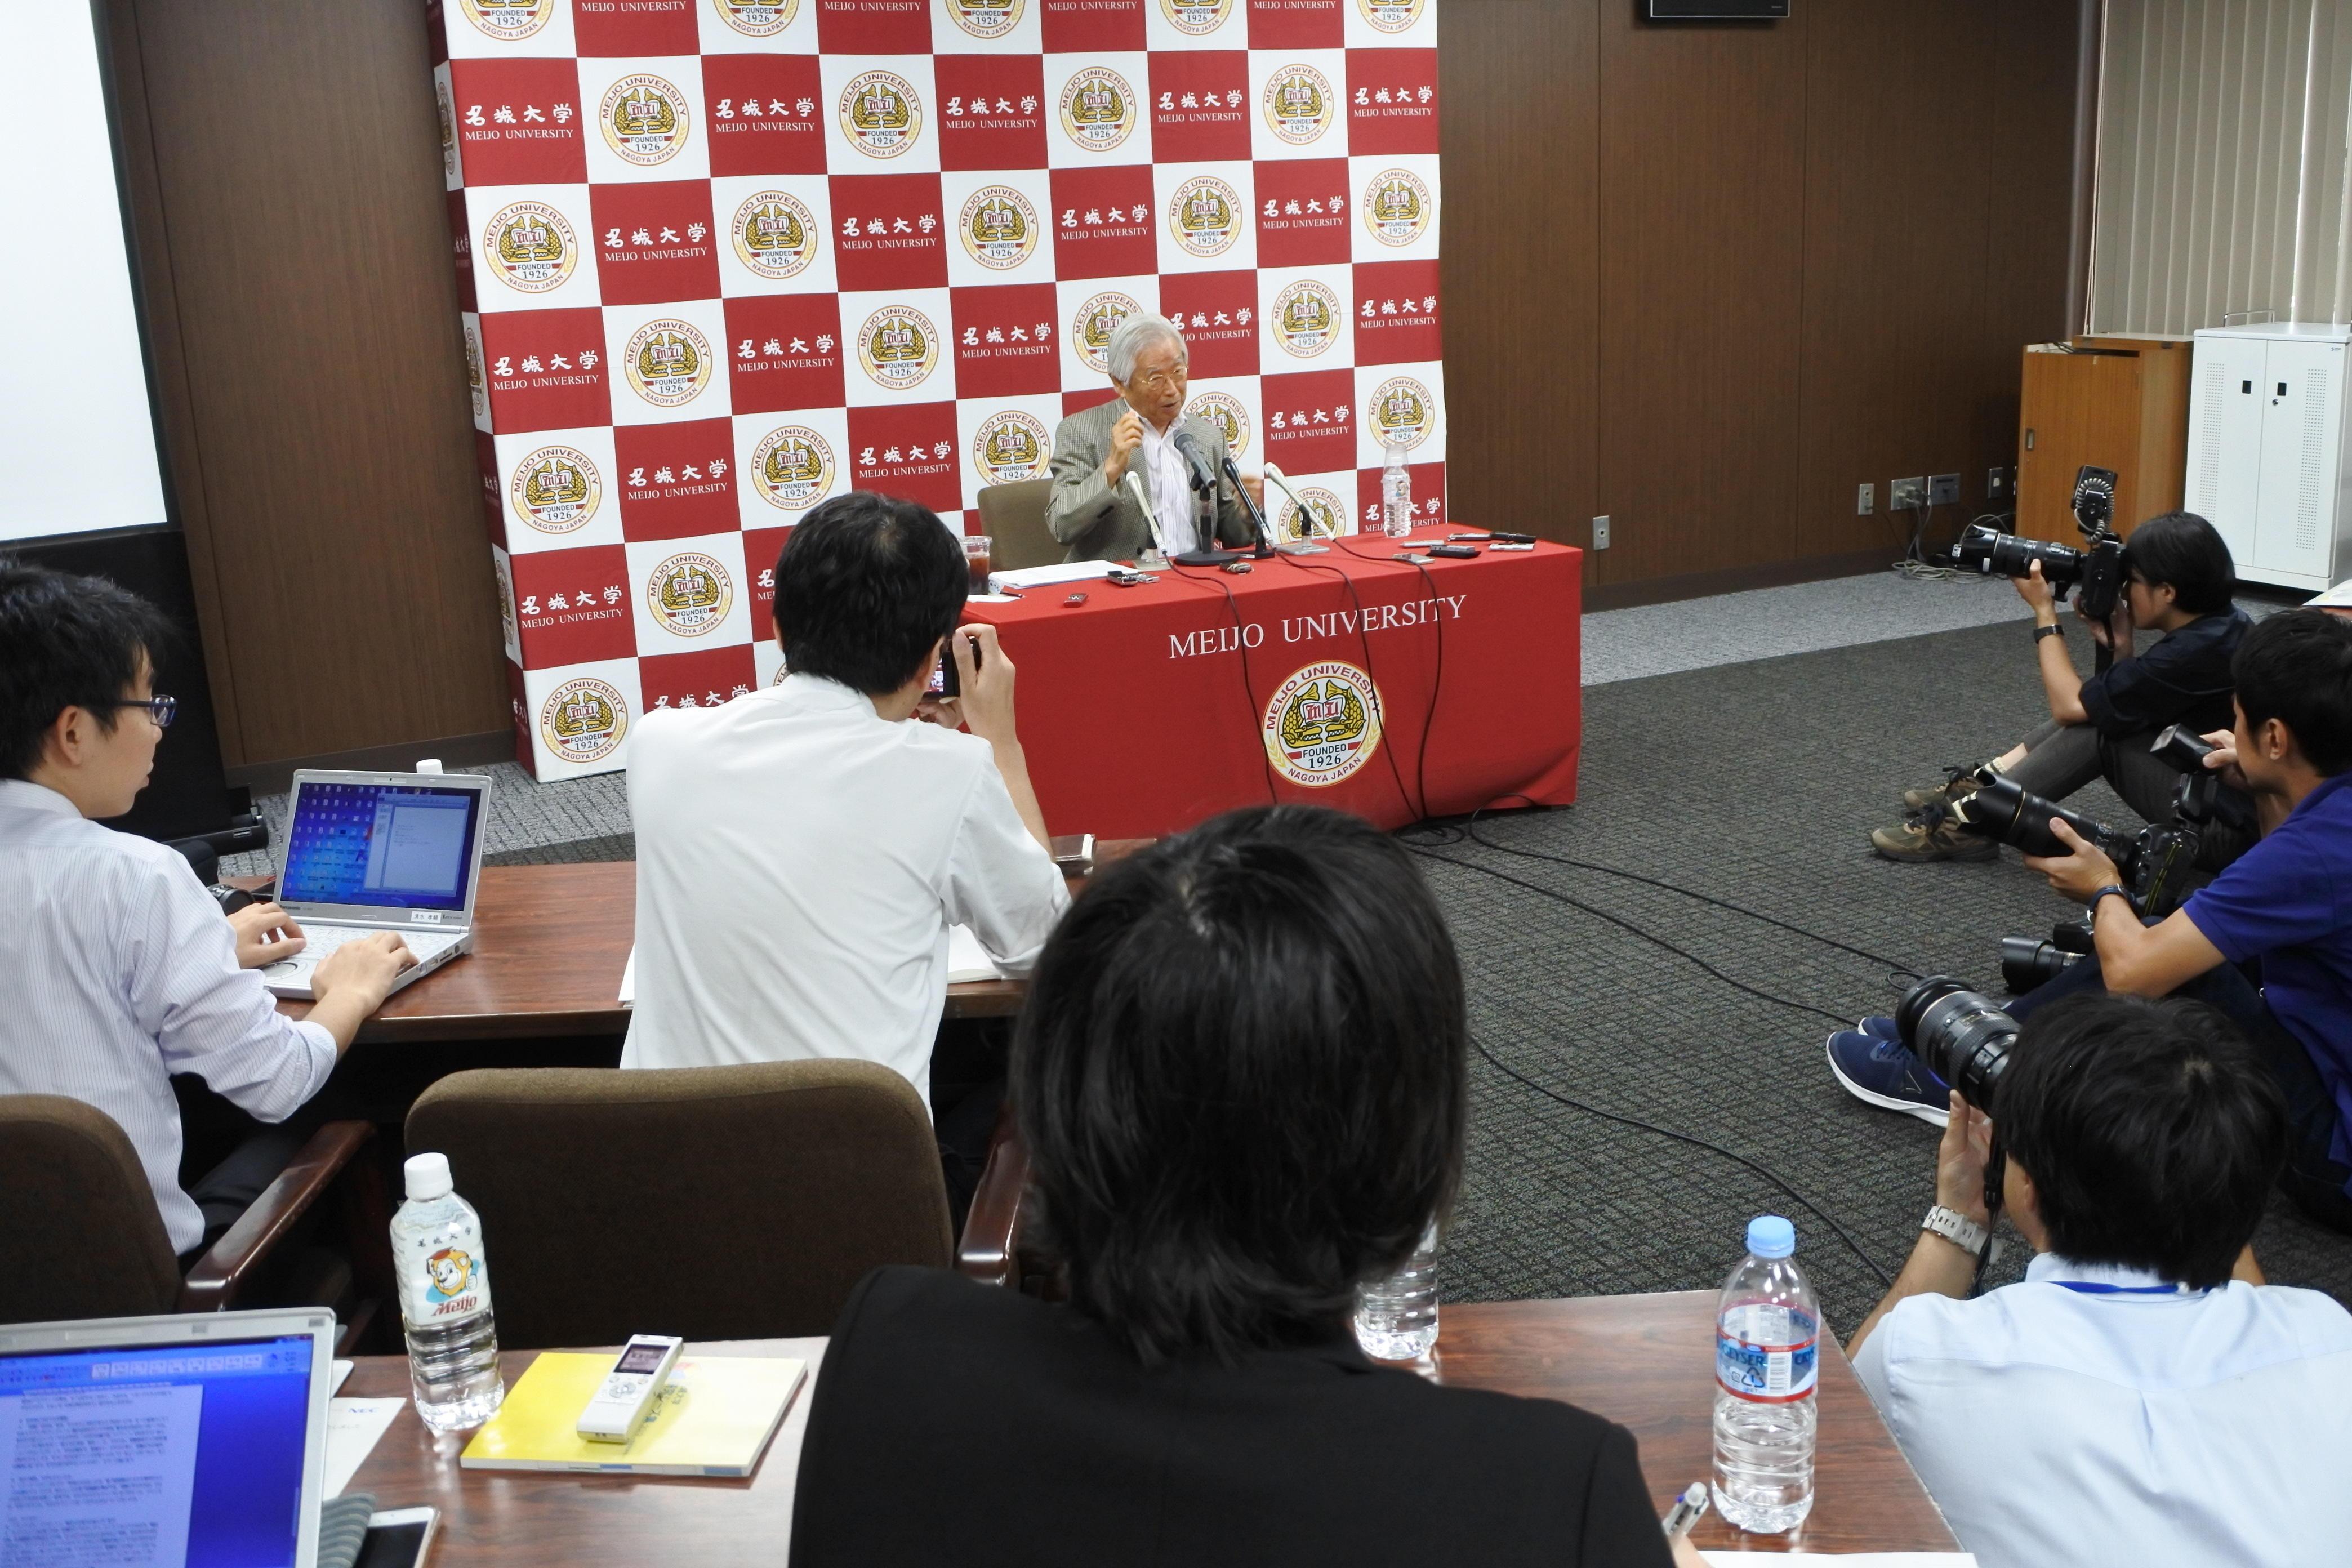 記者の質問に答える飯島澄男終身教授